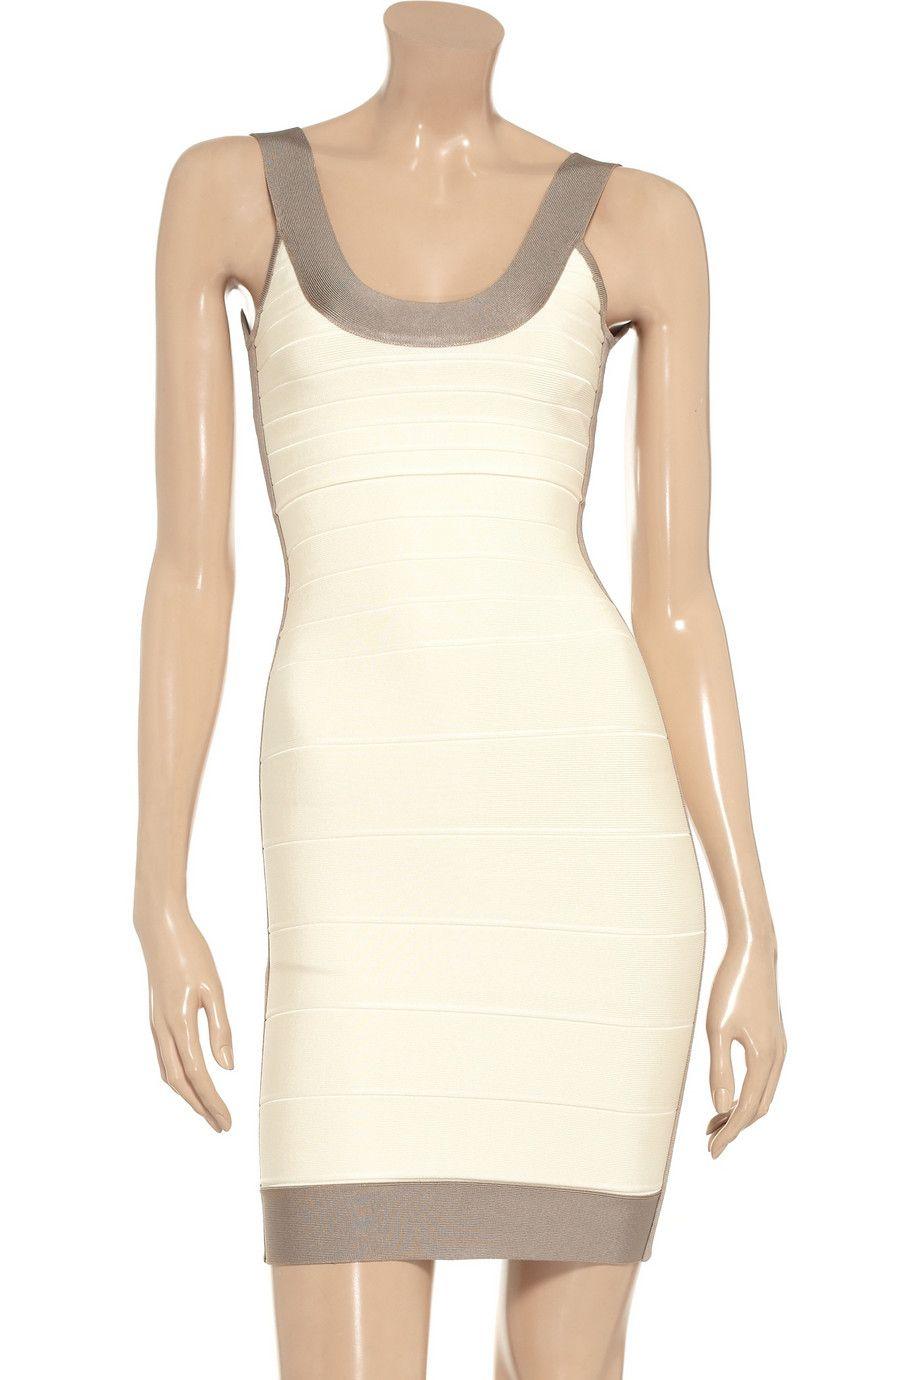 HervÉ lÉger paneled bandage dress original price now